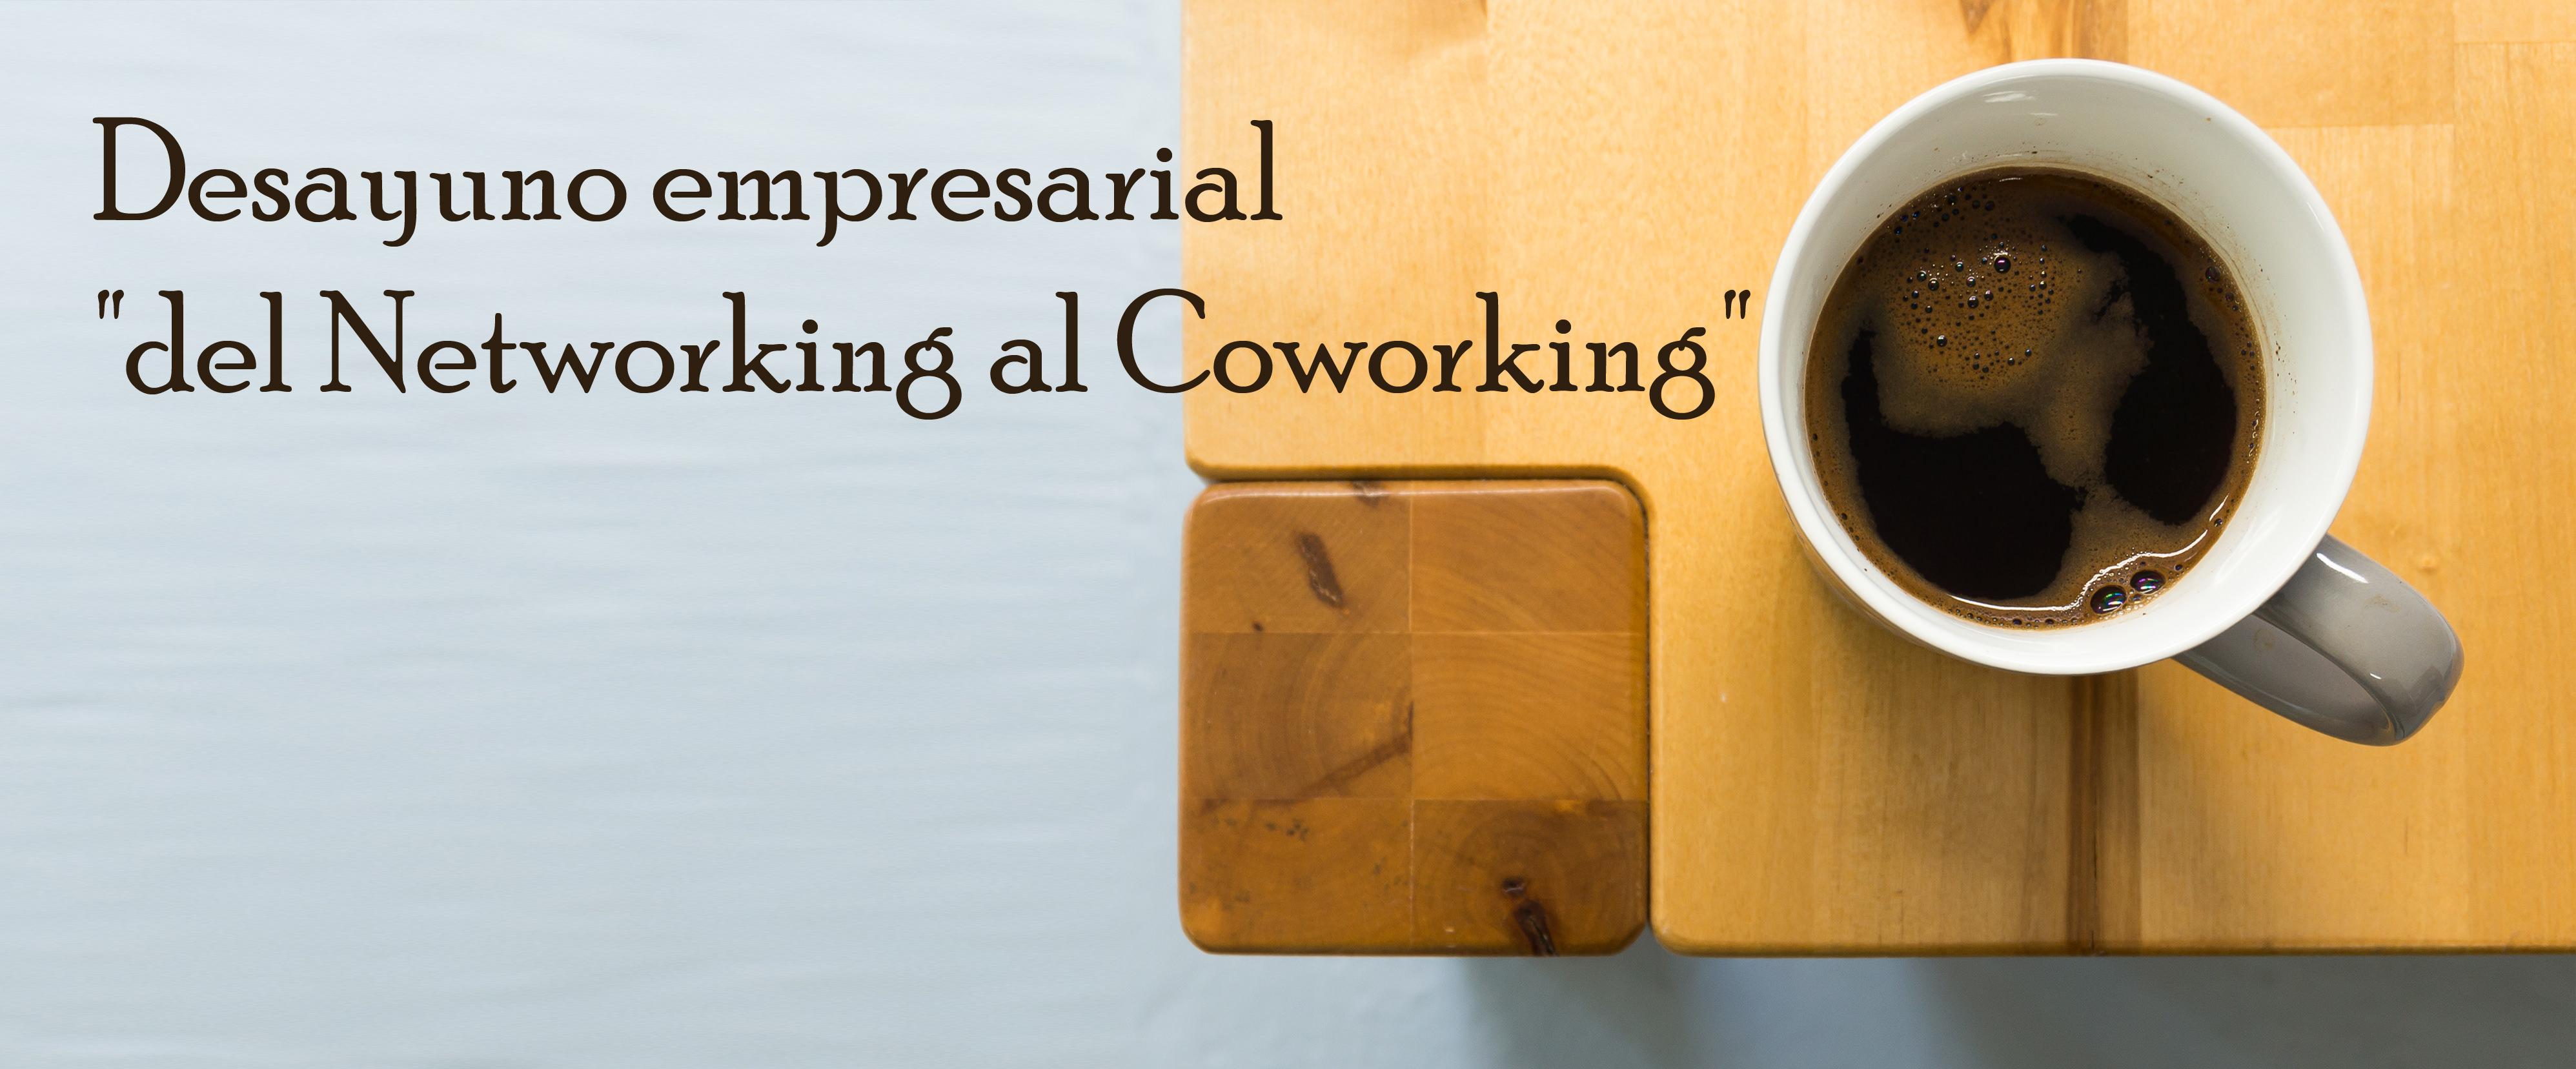 Desayuno empresarial «del Networking al Coworking»